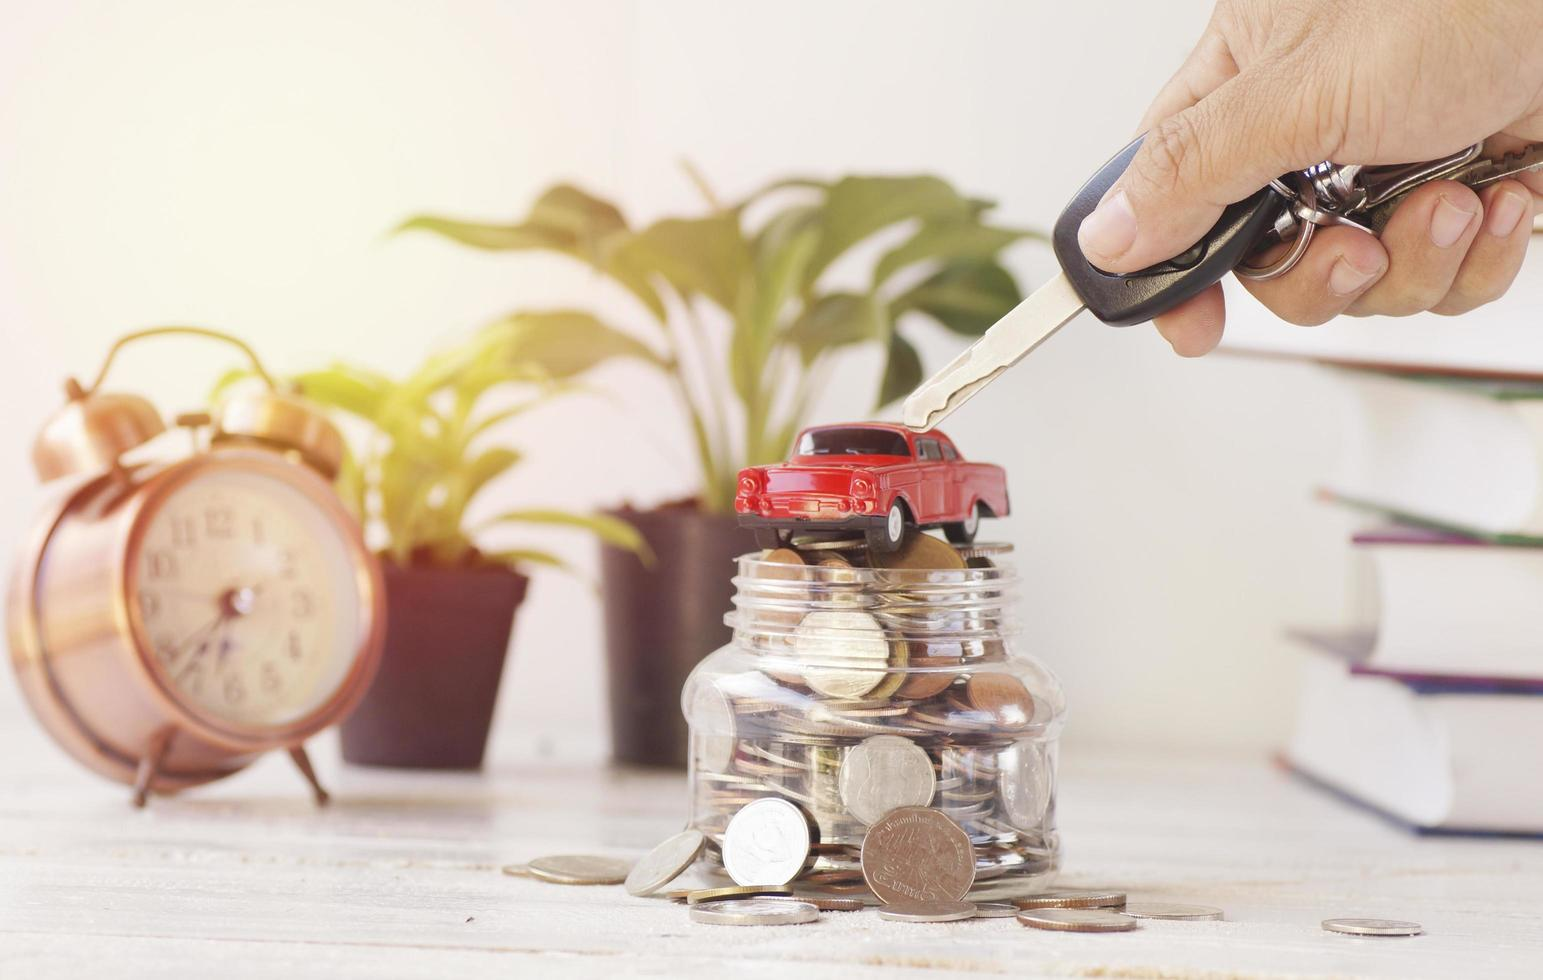 handhållningsnyckel med bil- och pengar-koncept för att köpa lånförsäljning och försäkring i fordon foto